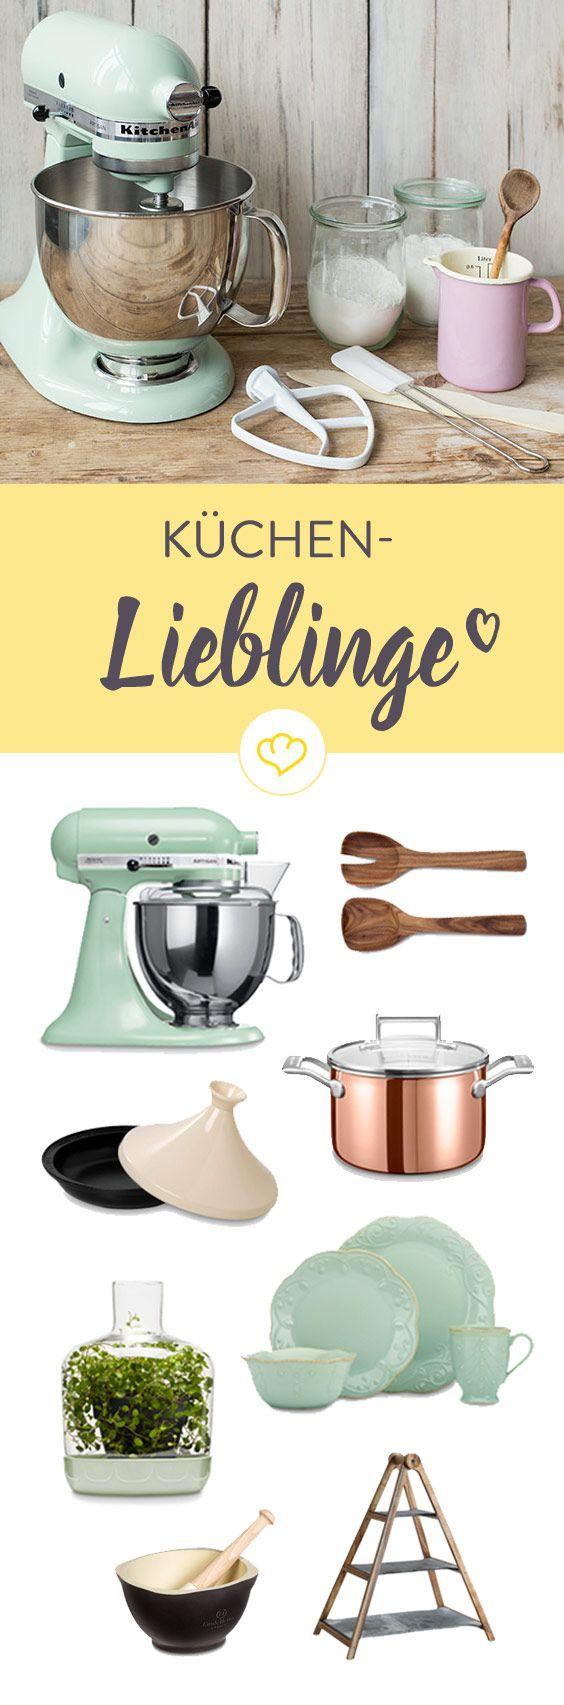 Mach deine Küche zu deinem Lieblingsplatz!